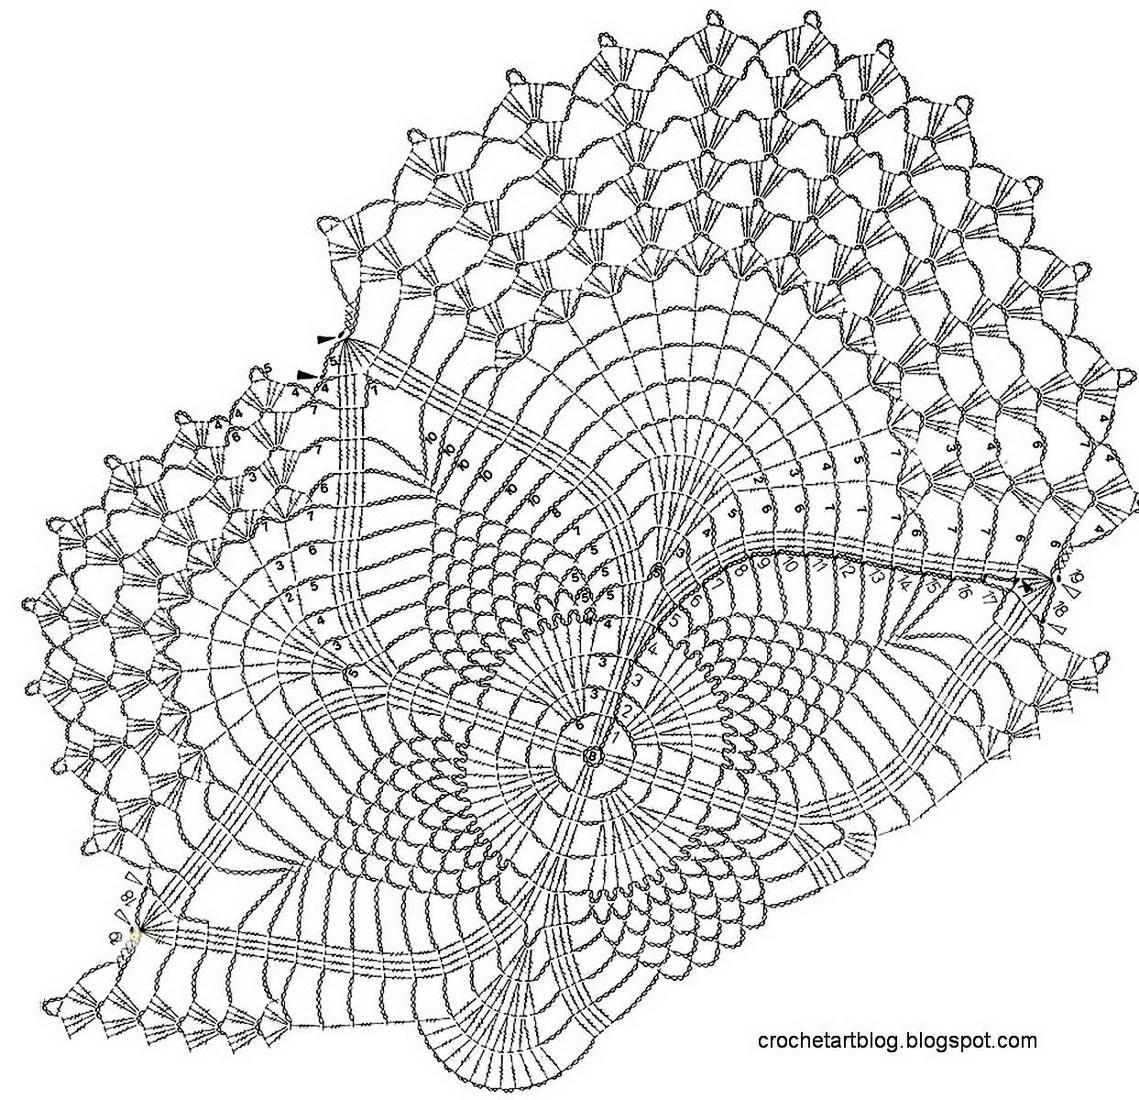 Crochet Art: Crochet Doilies - Free Crochet Pattern - Oval Lace Doilies #crochetdoilies